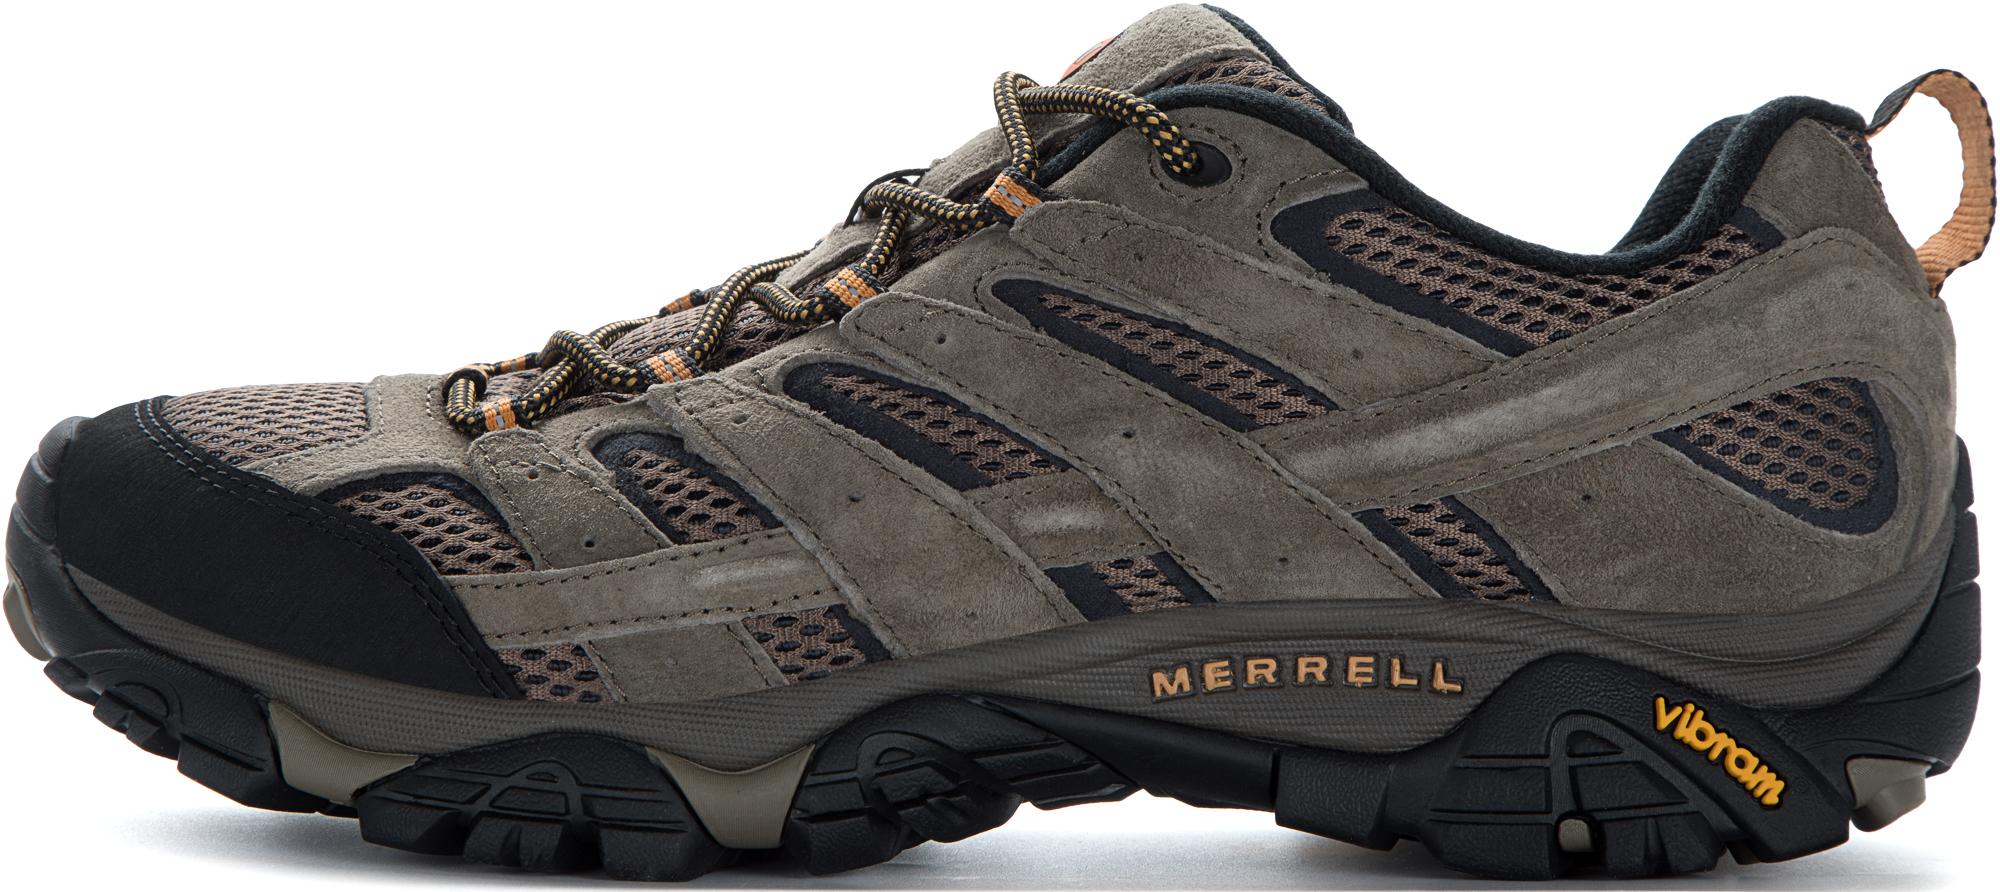 цена Merrell Полуботинки мужские Merrell, размер 50 онлайн в 2017 году